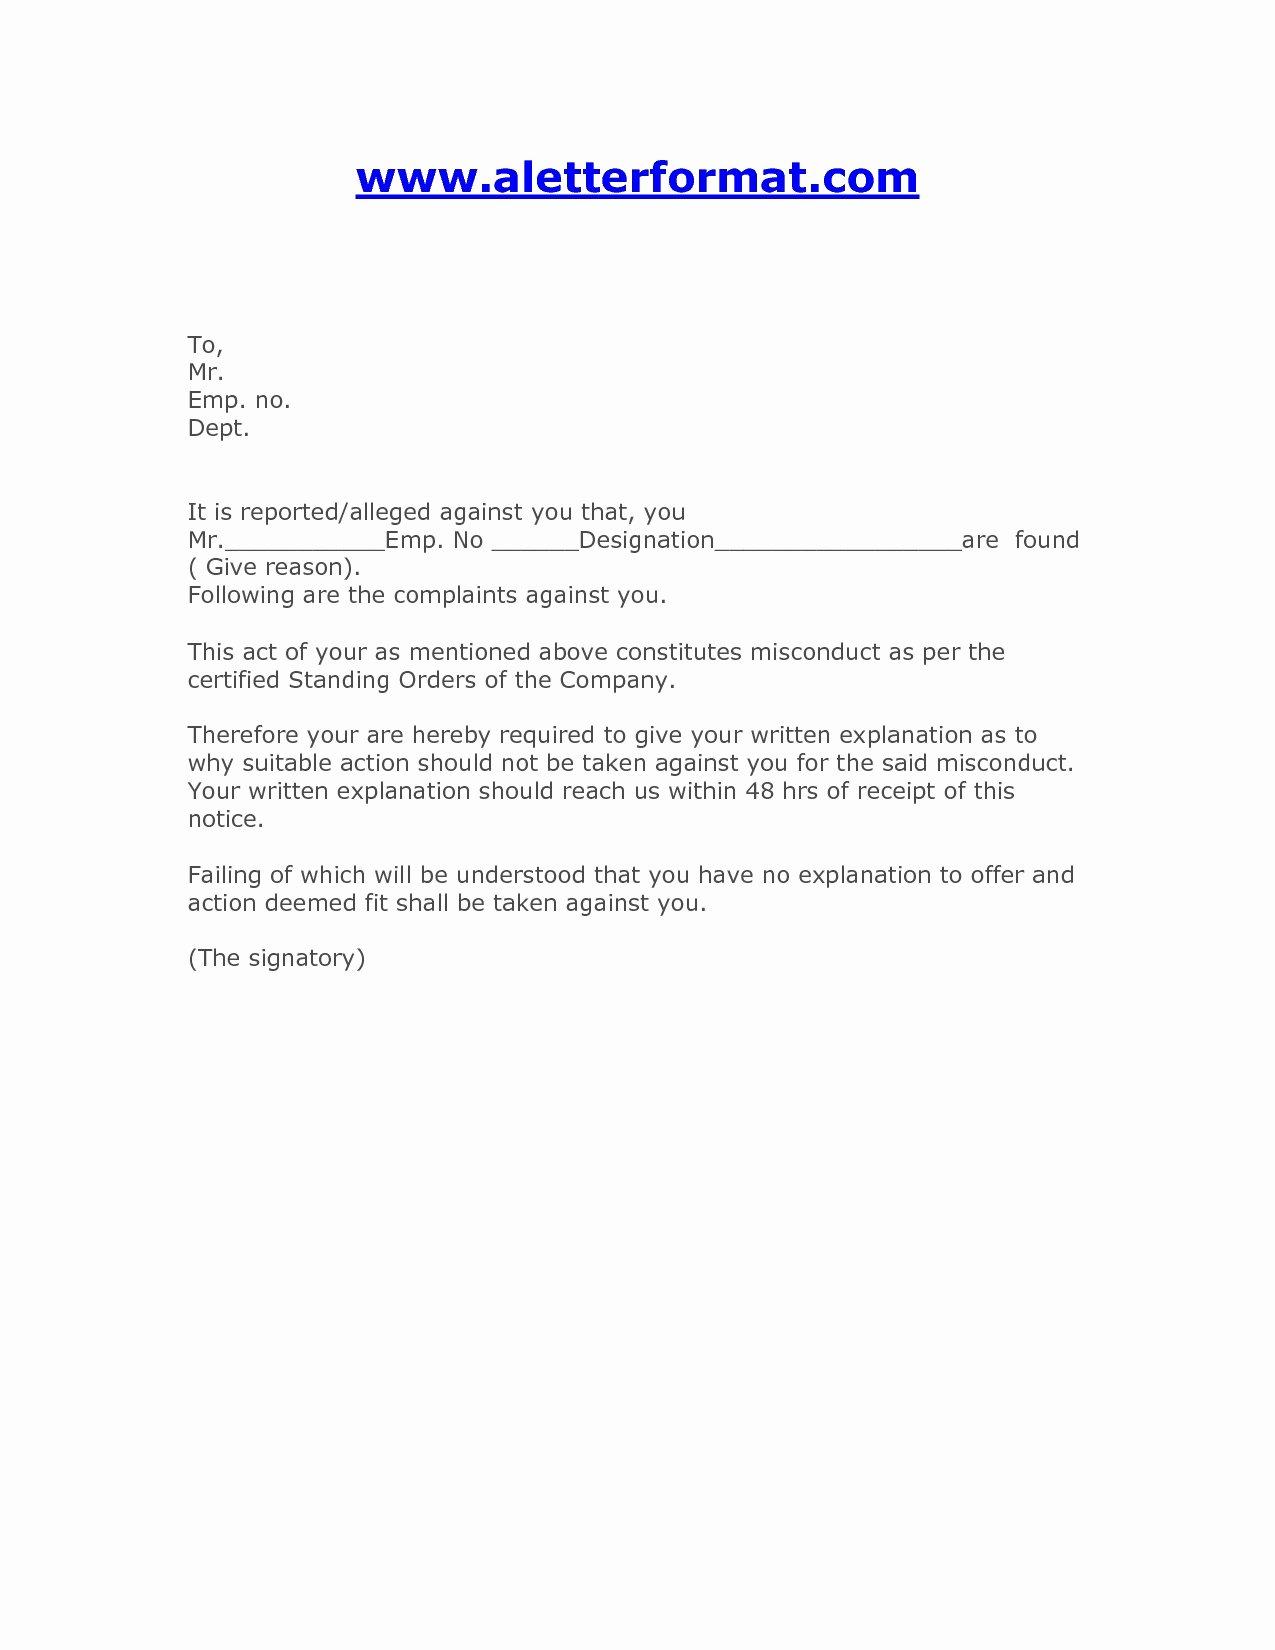 Warn Letter Samples Lovely Sample Employee Warning Letter for Misconduct